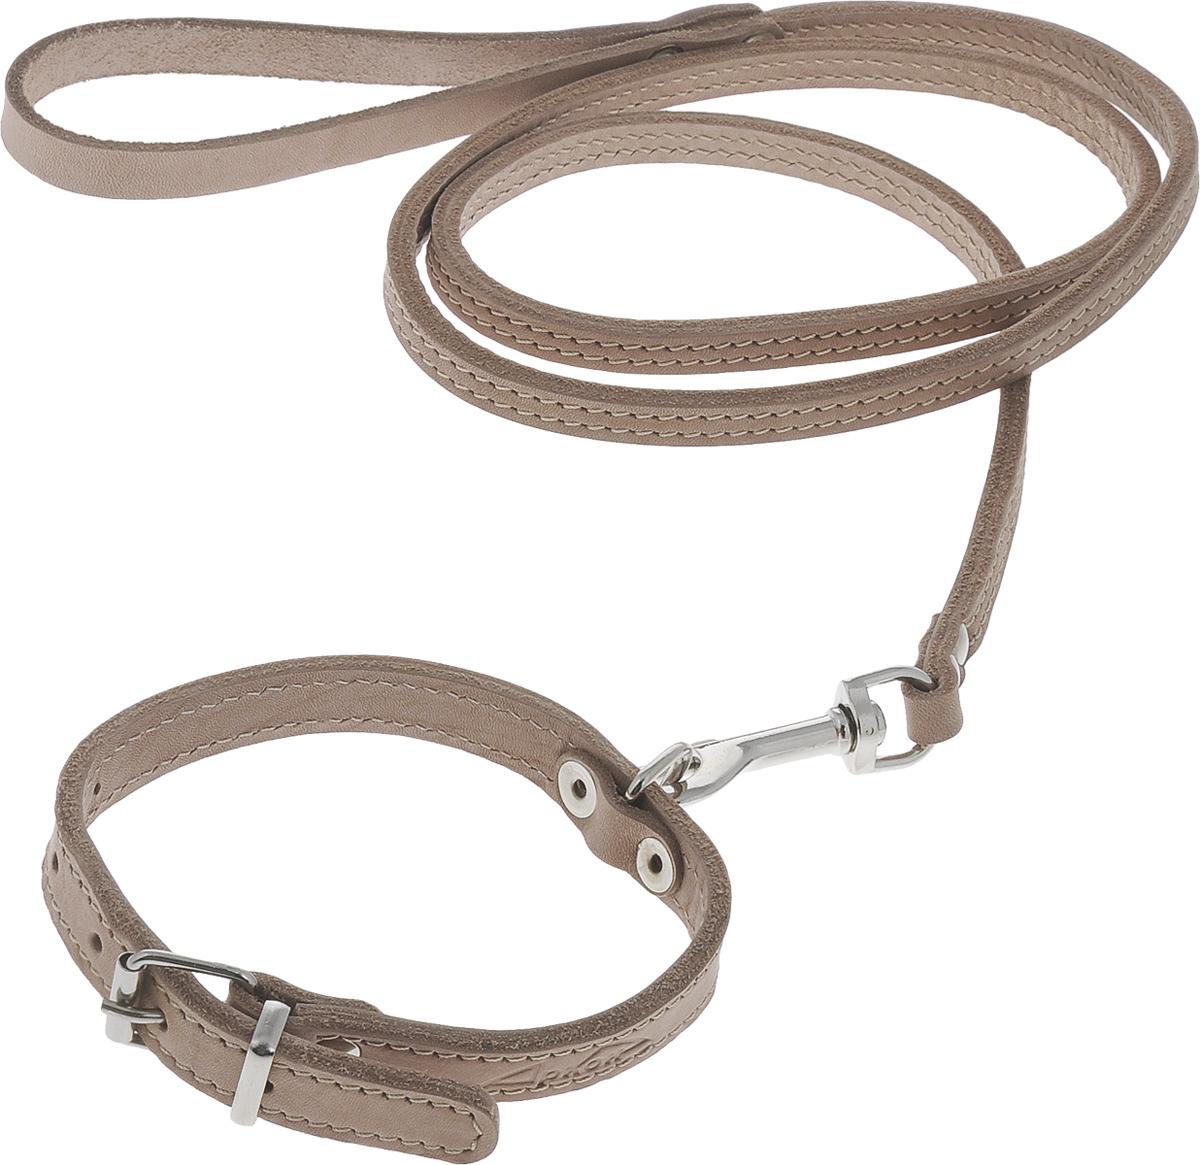 Комплект для собак Аркон Стандарт №7, цвет: светло-коричневый, 2 предметаПК5/20ЛБКомплект для животных Аркон Стандарт №7 состоит из ошейника и поводка. Изделия изготовлены из высококачественного металла и прошитой в два слоя натуральной кожи. Надежная конструкция обеспечит вашему четвероногому другу комфортную и безопасную прогулку.Такой комплект подходит для мелких и средних пород собак. Длина поводка: 1,4 м.Ширина поводка: 1 см.Обхват шеи: 25 - 33 см. Ширина ошейника: 1,6 см.